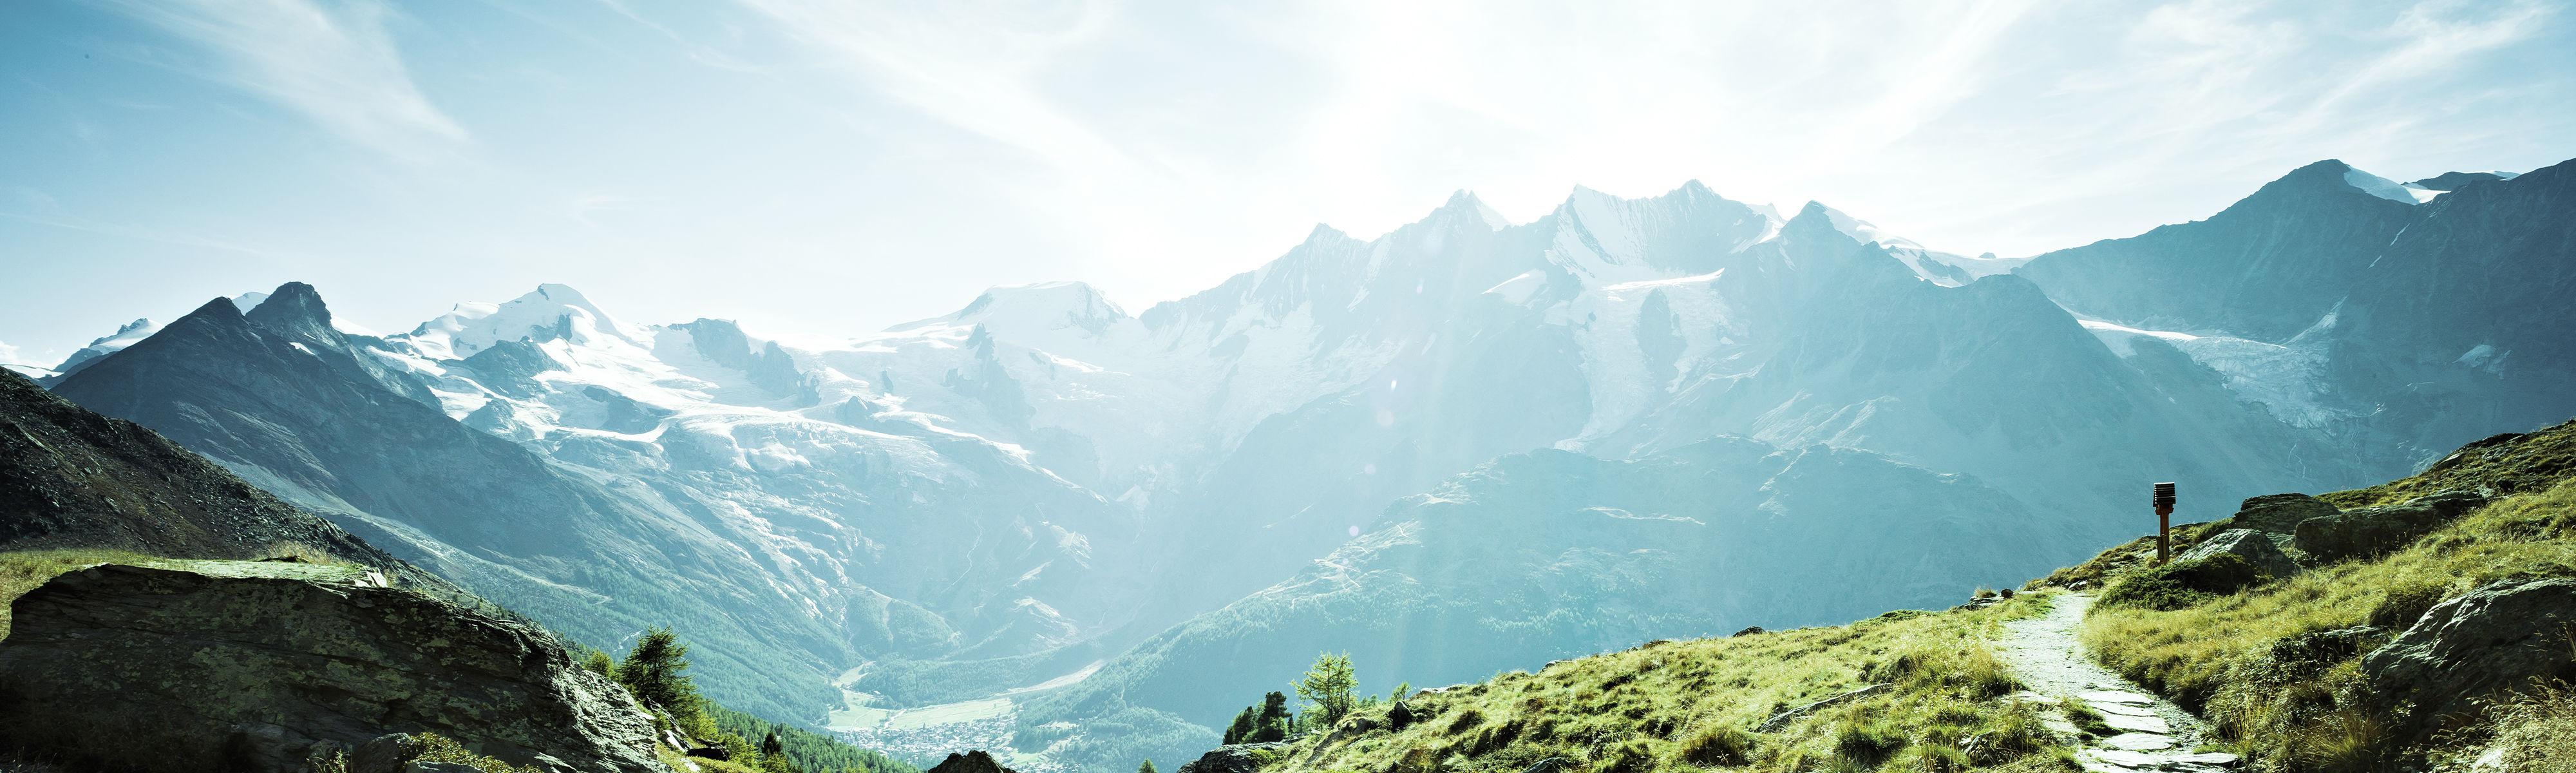 Wandern im Saastal - Freie Ferienrepublik Saas-Fee